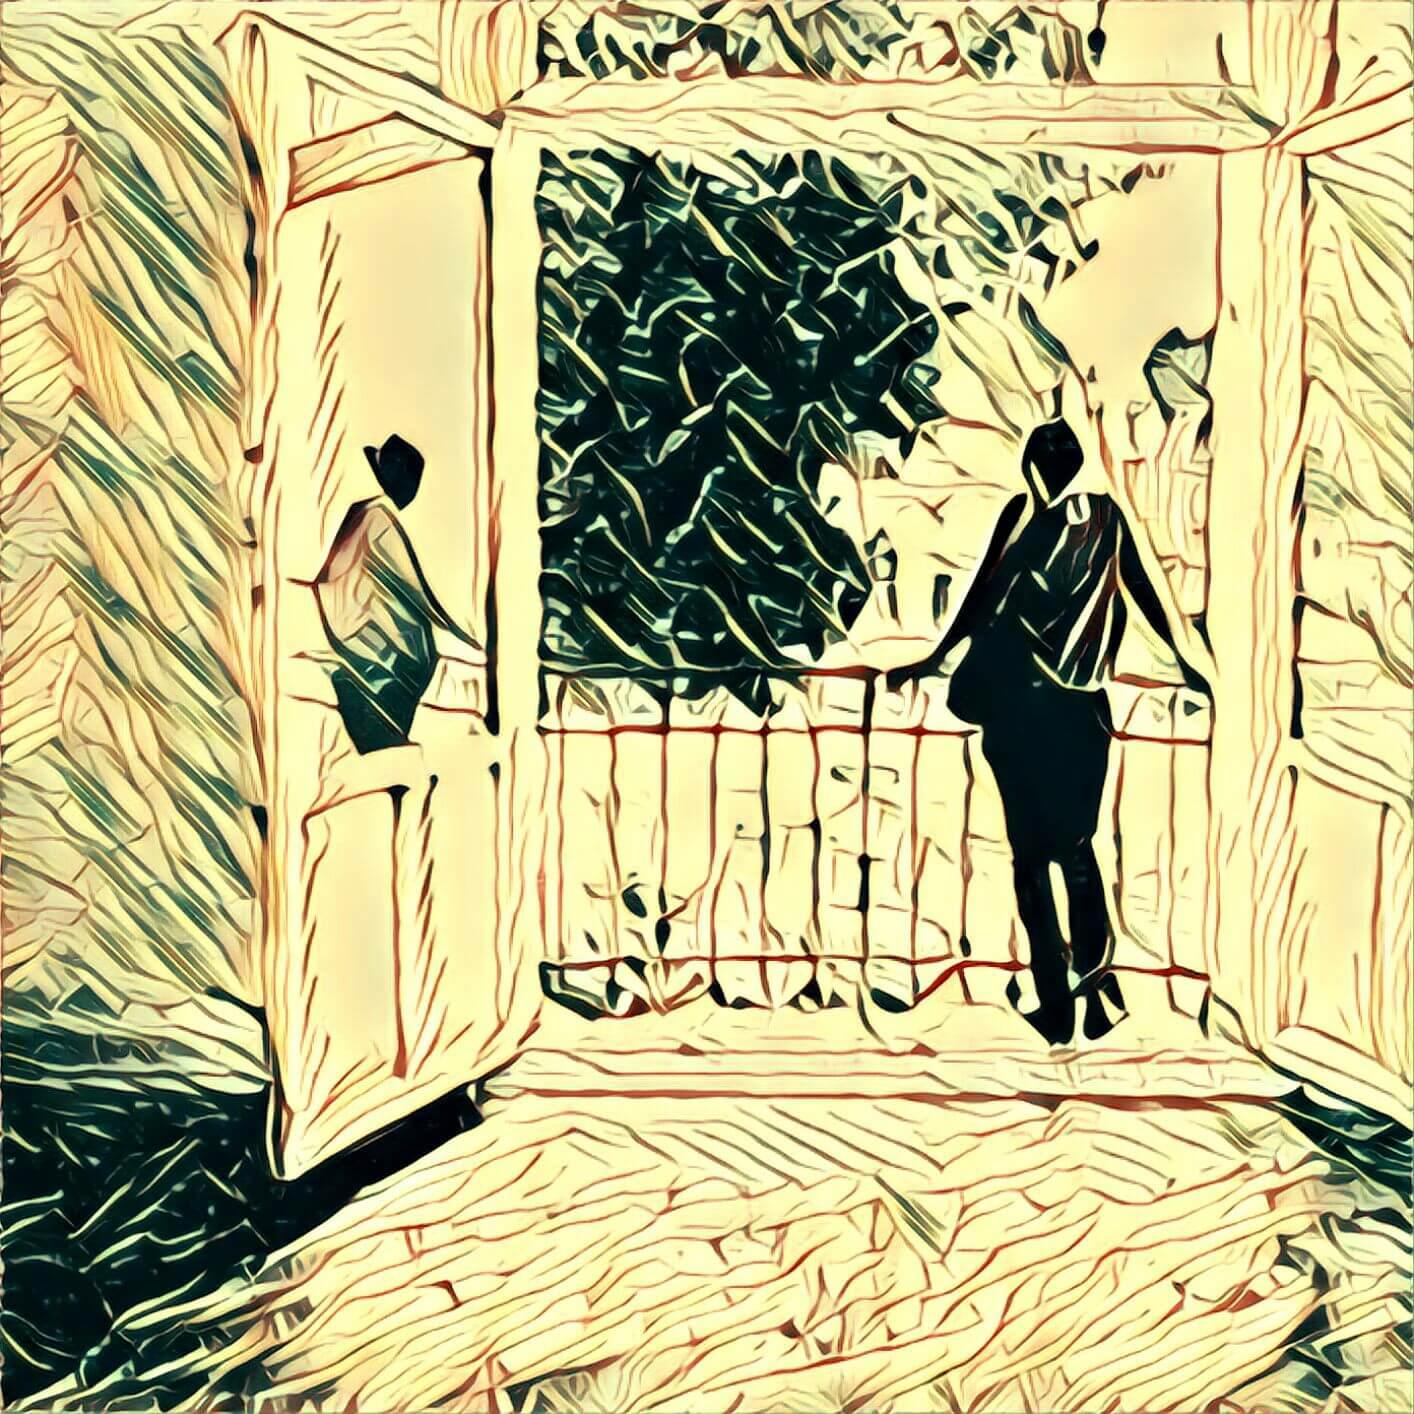 Wohnung - Traum-Deutung